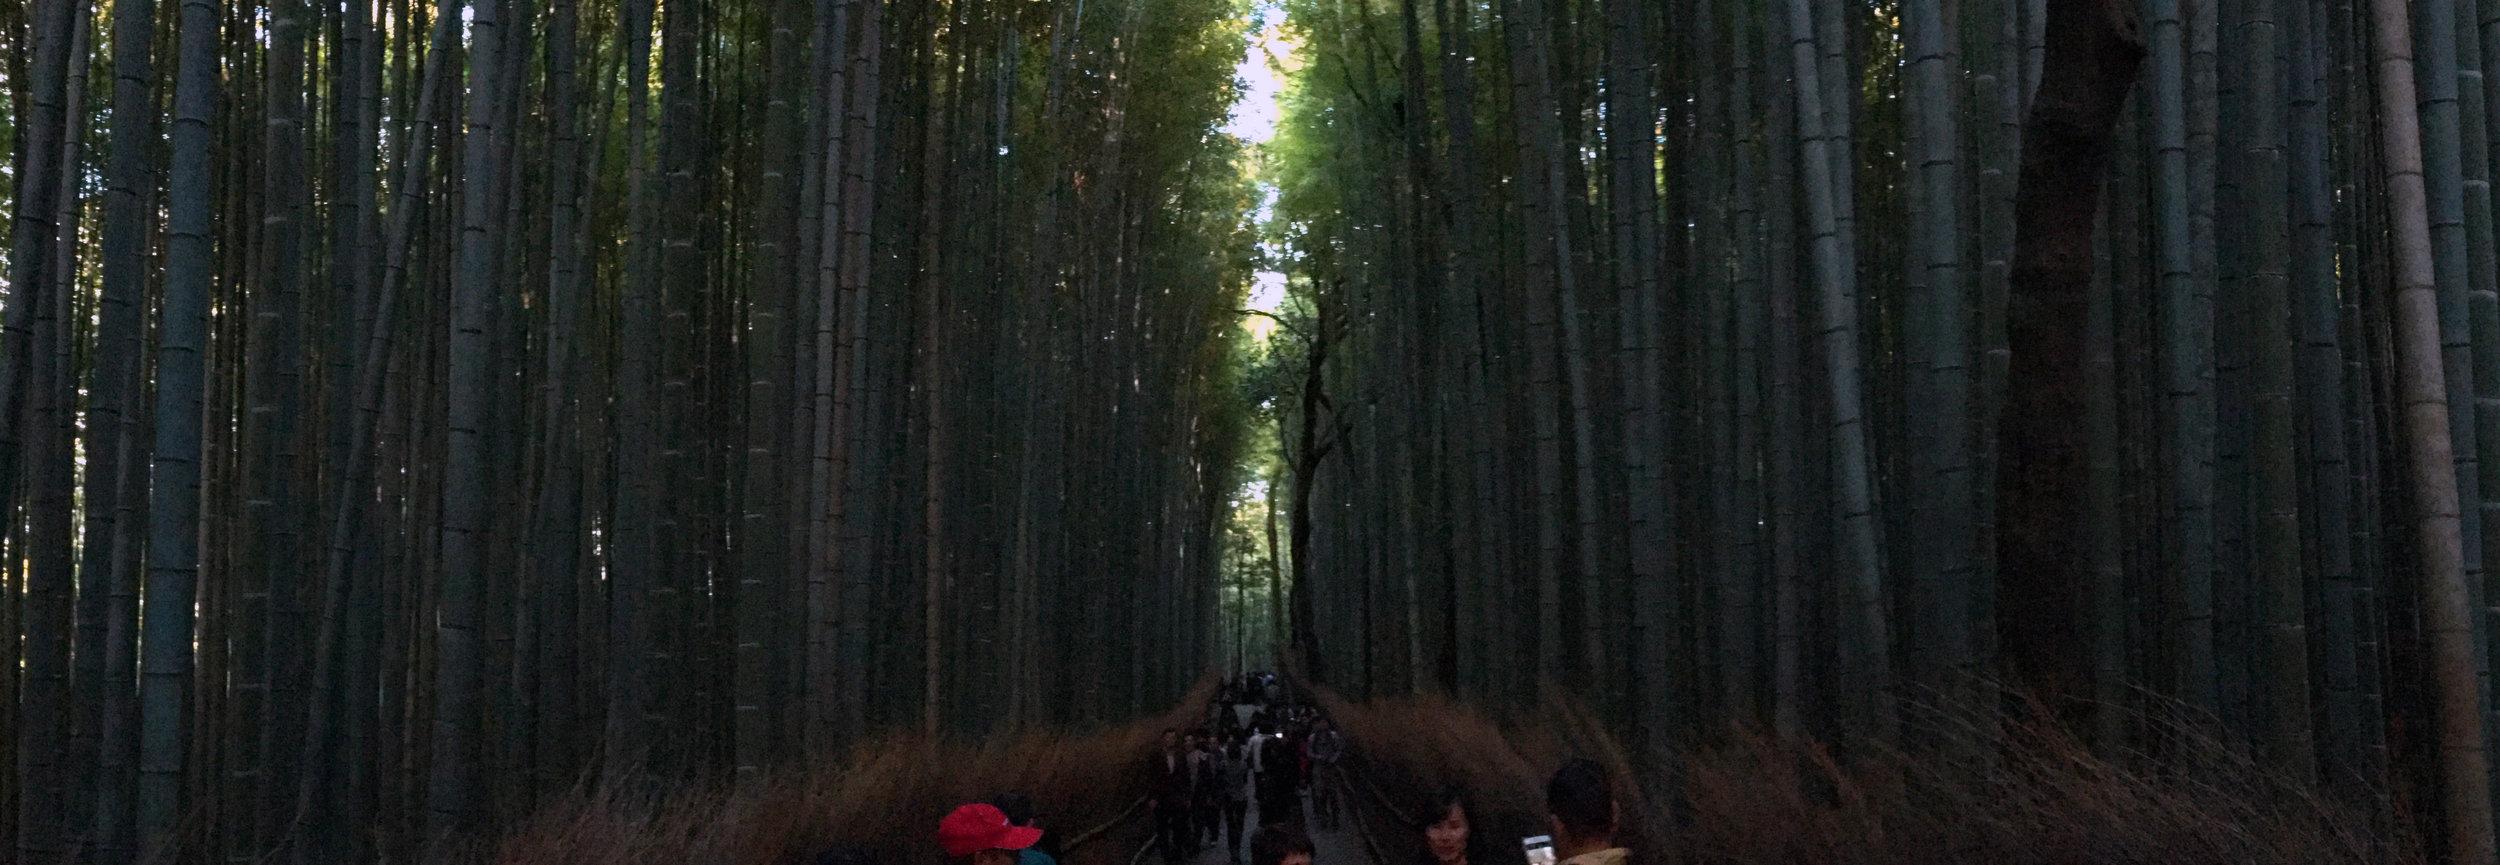 Arashiyama Bamboo Grove - Kyoto.jpg